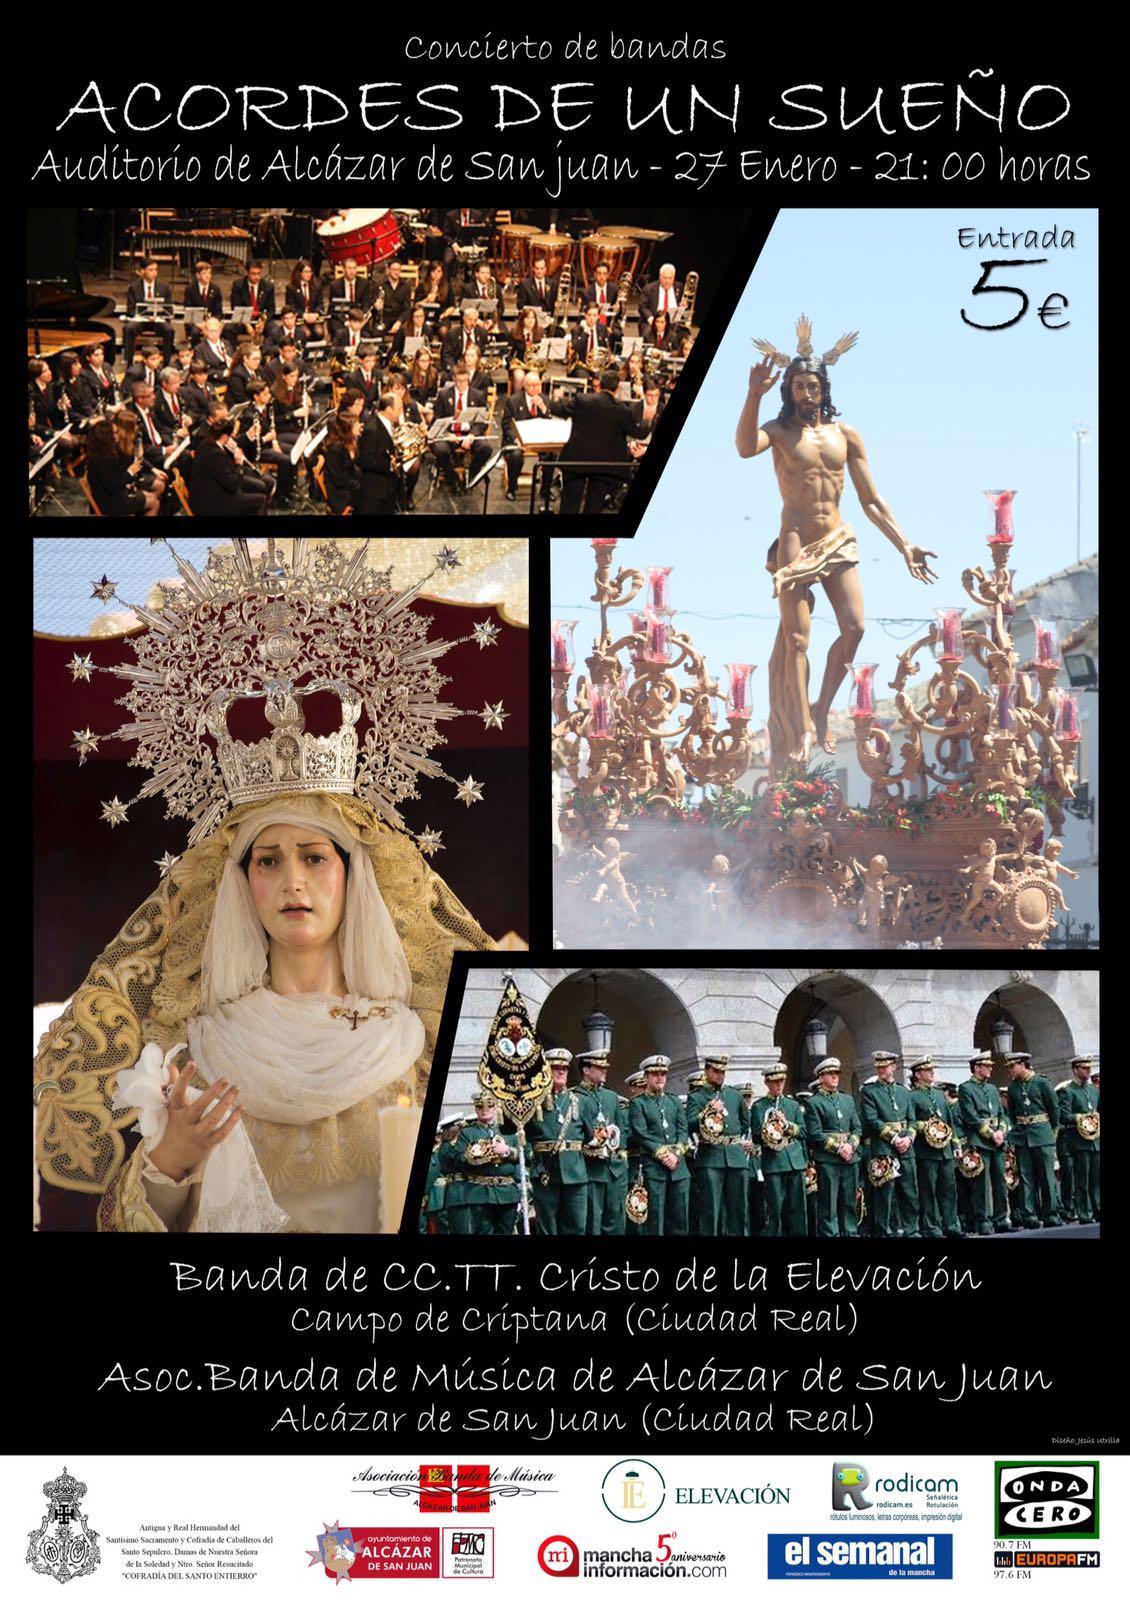 """""""Acordes de un Sueño"""" concierto en el Auditorio de Alcázar de San Juan"""